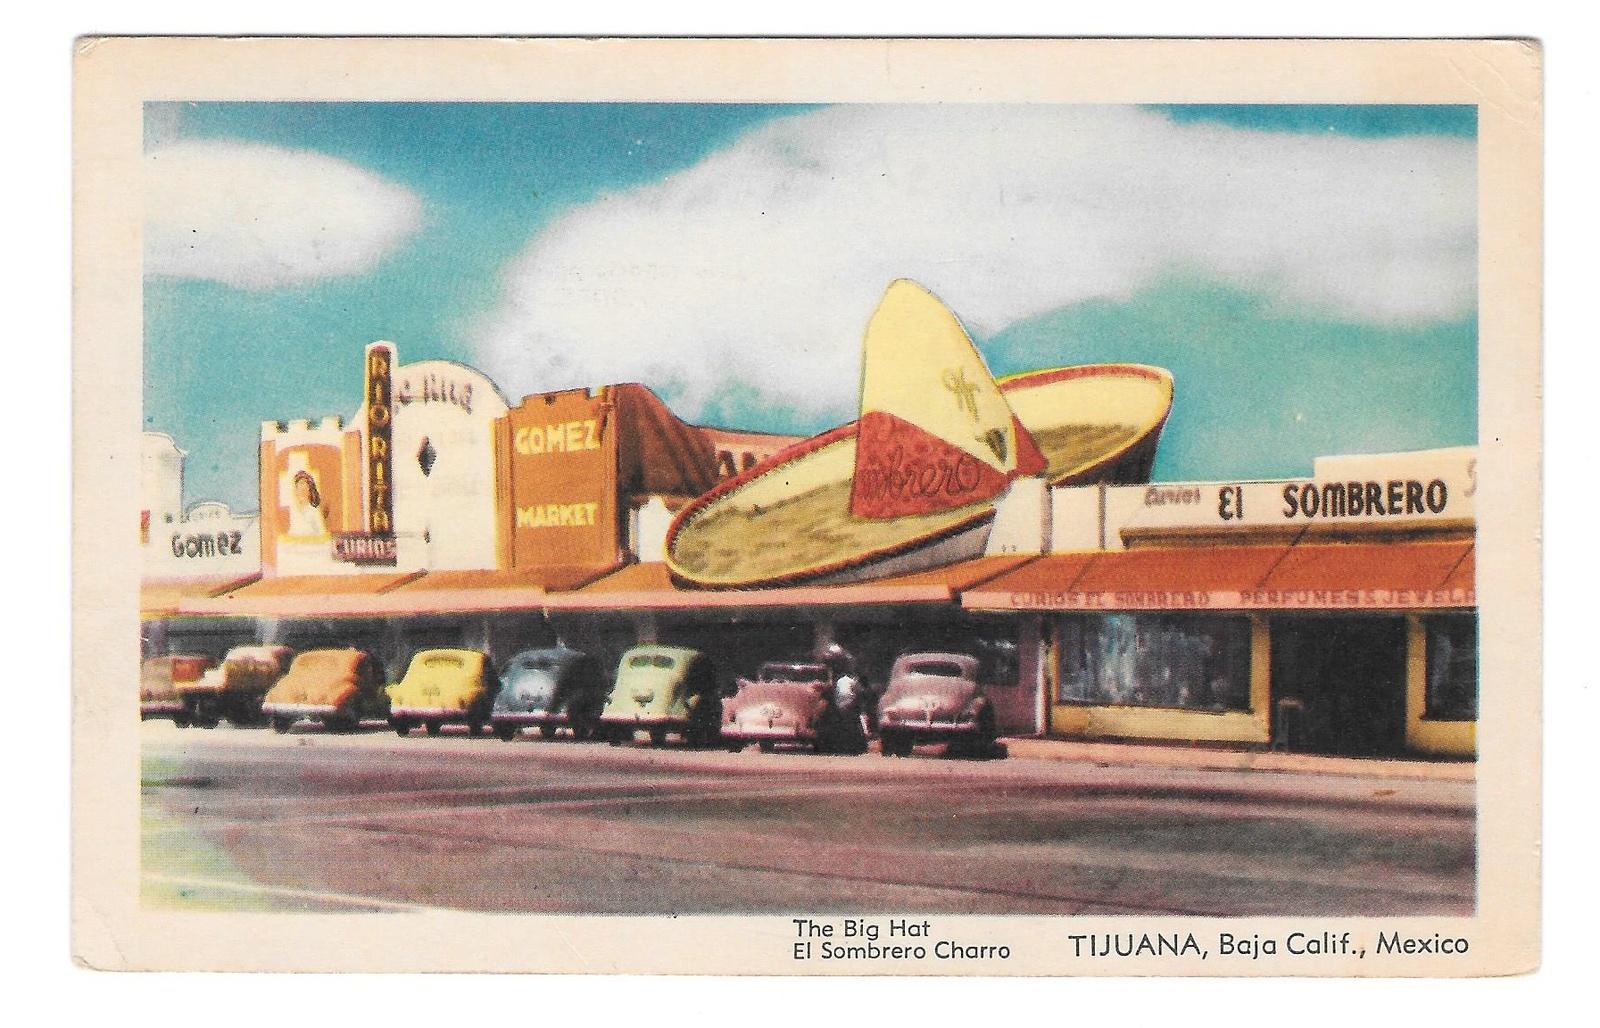 Baja CA Tijuana Mexico The Big Hat El and similar items 910f6951a16